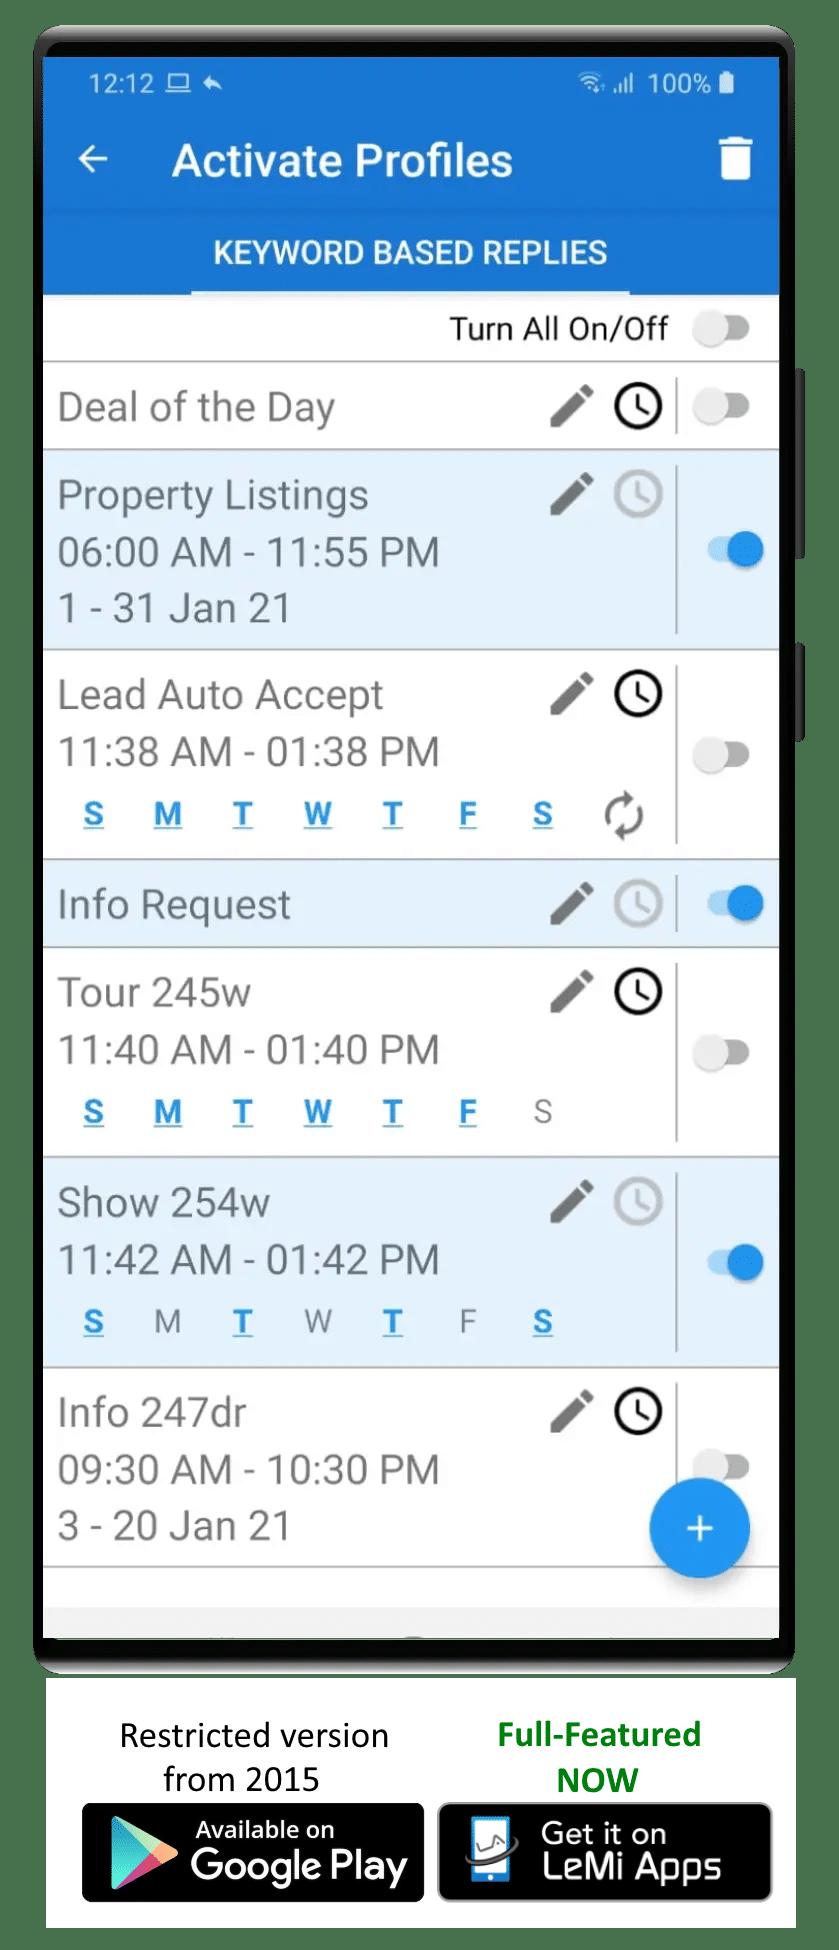 Best SMS Marketing Autoresponder App: All in 1!